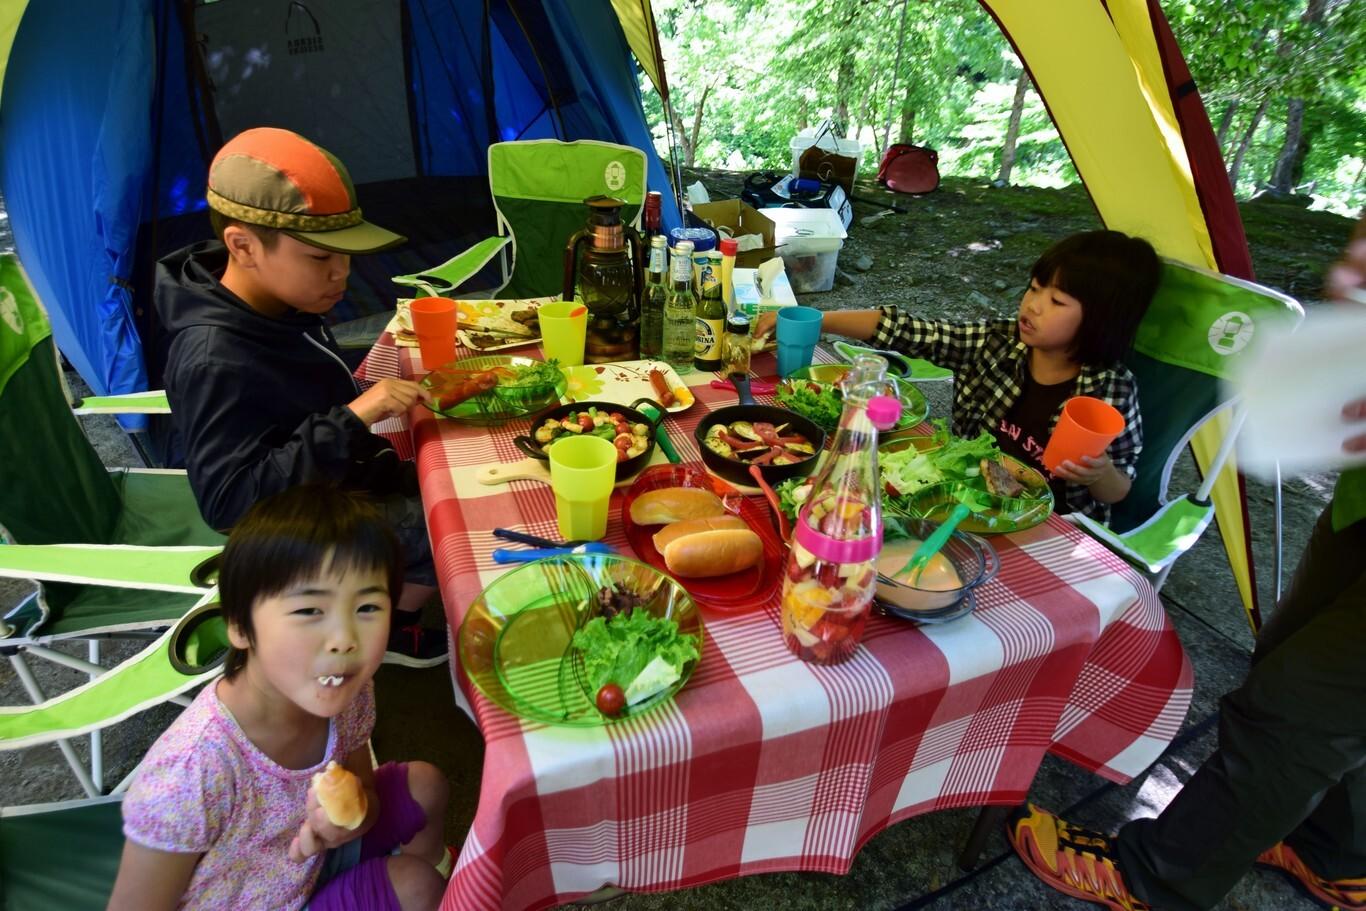 大源太キャニオンキャンプ場 の公式写真c9903